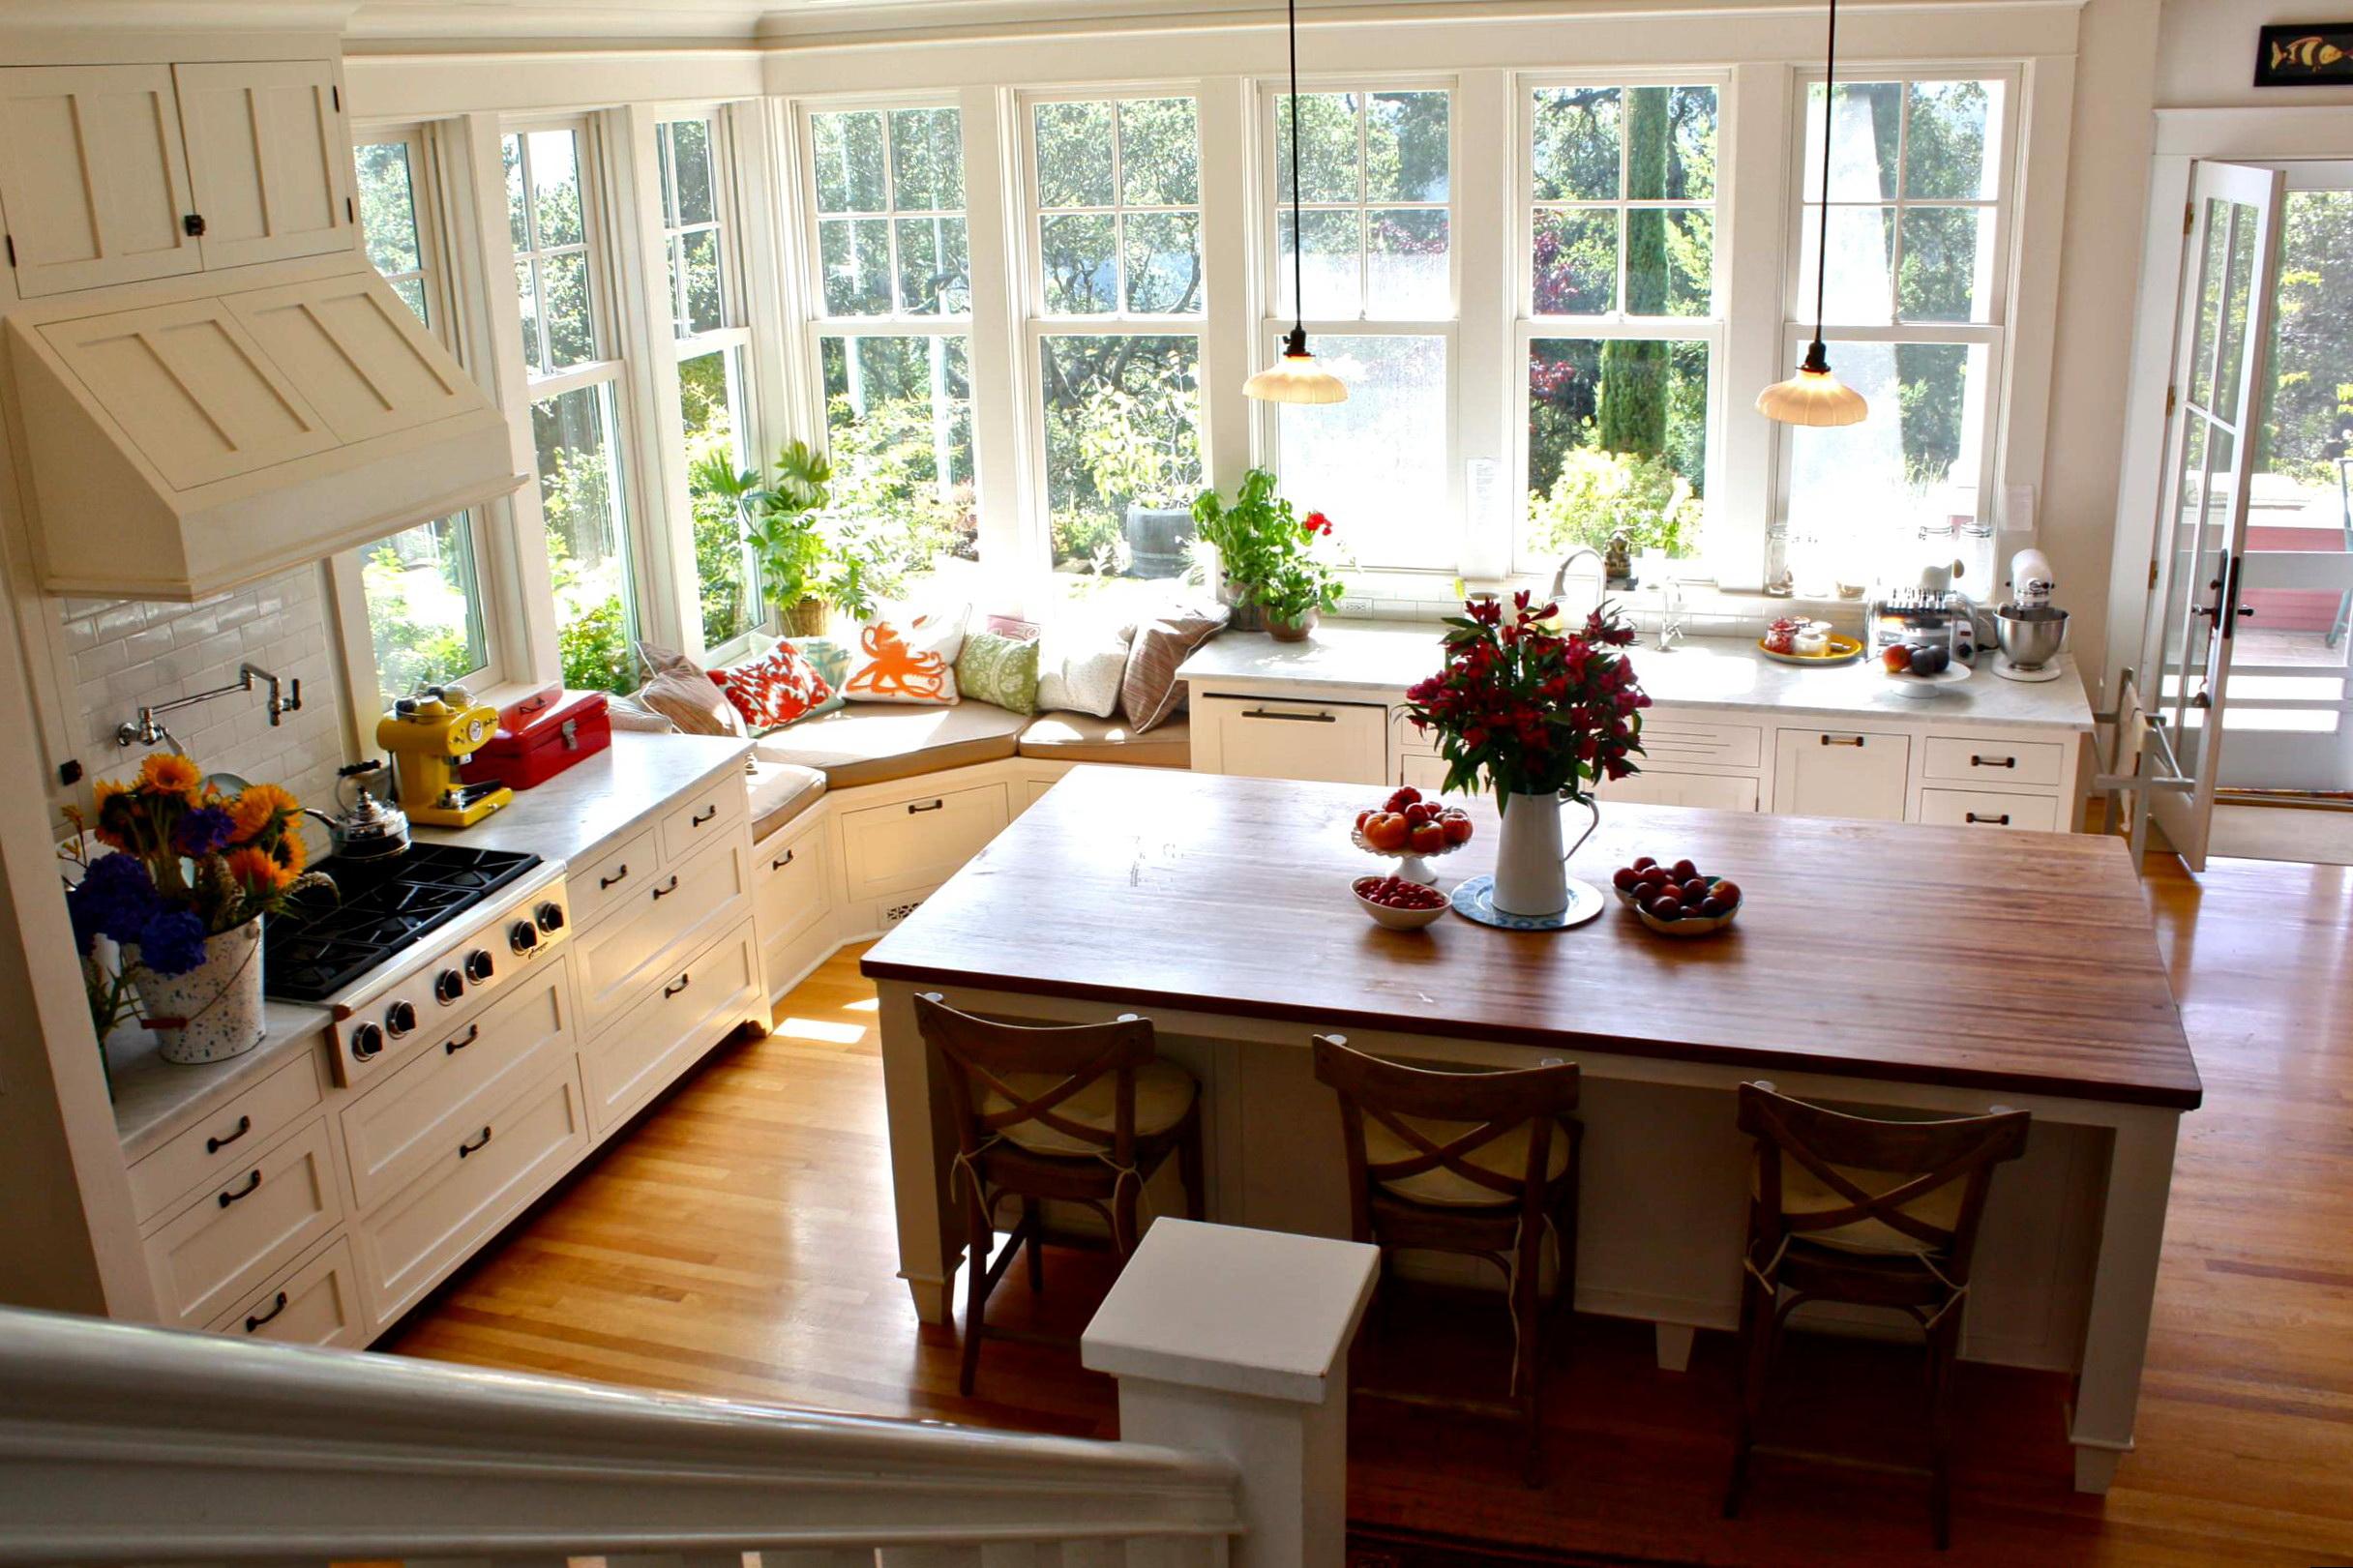 Ремонт на кухне в своем доме своими руками фото